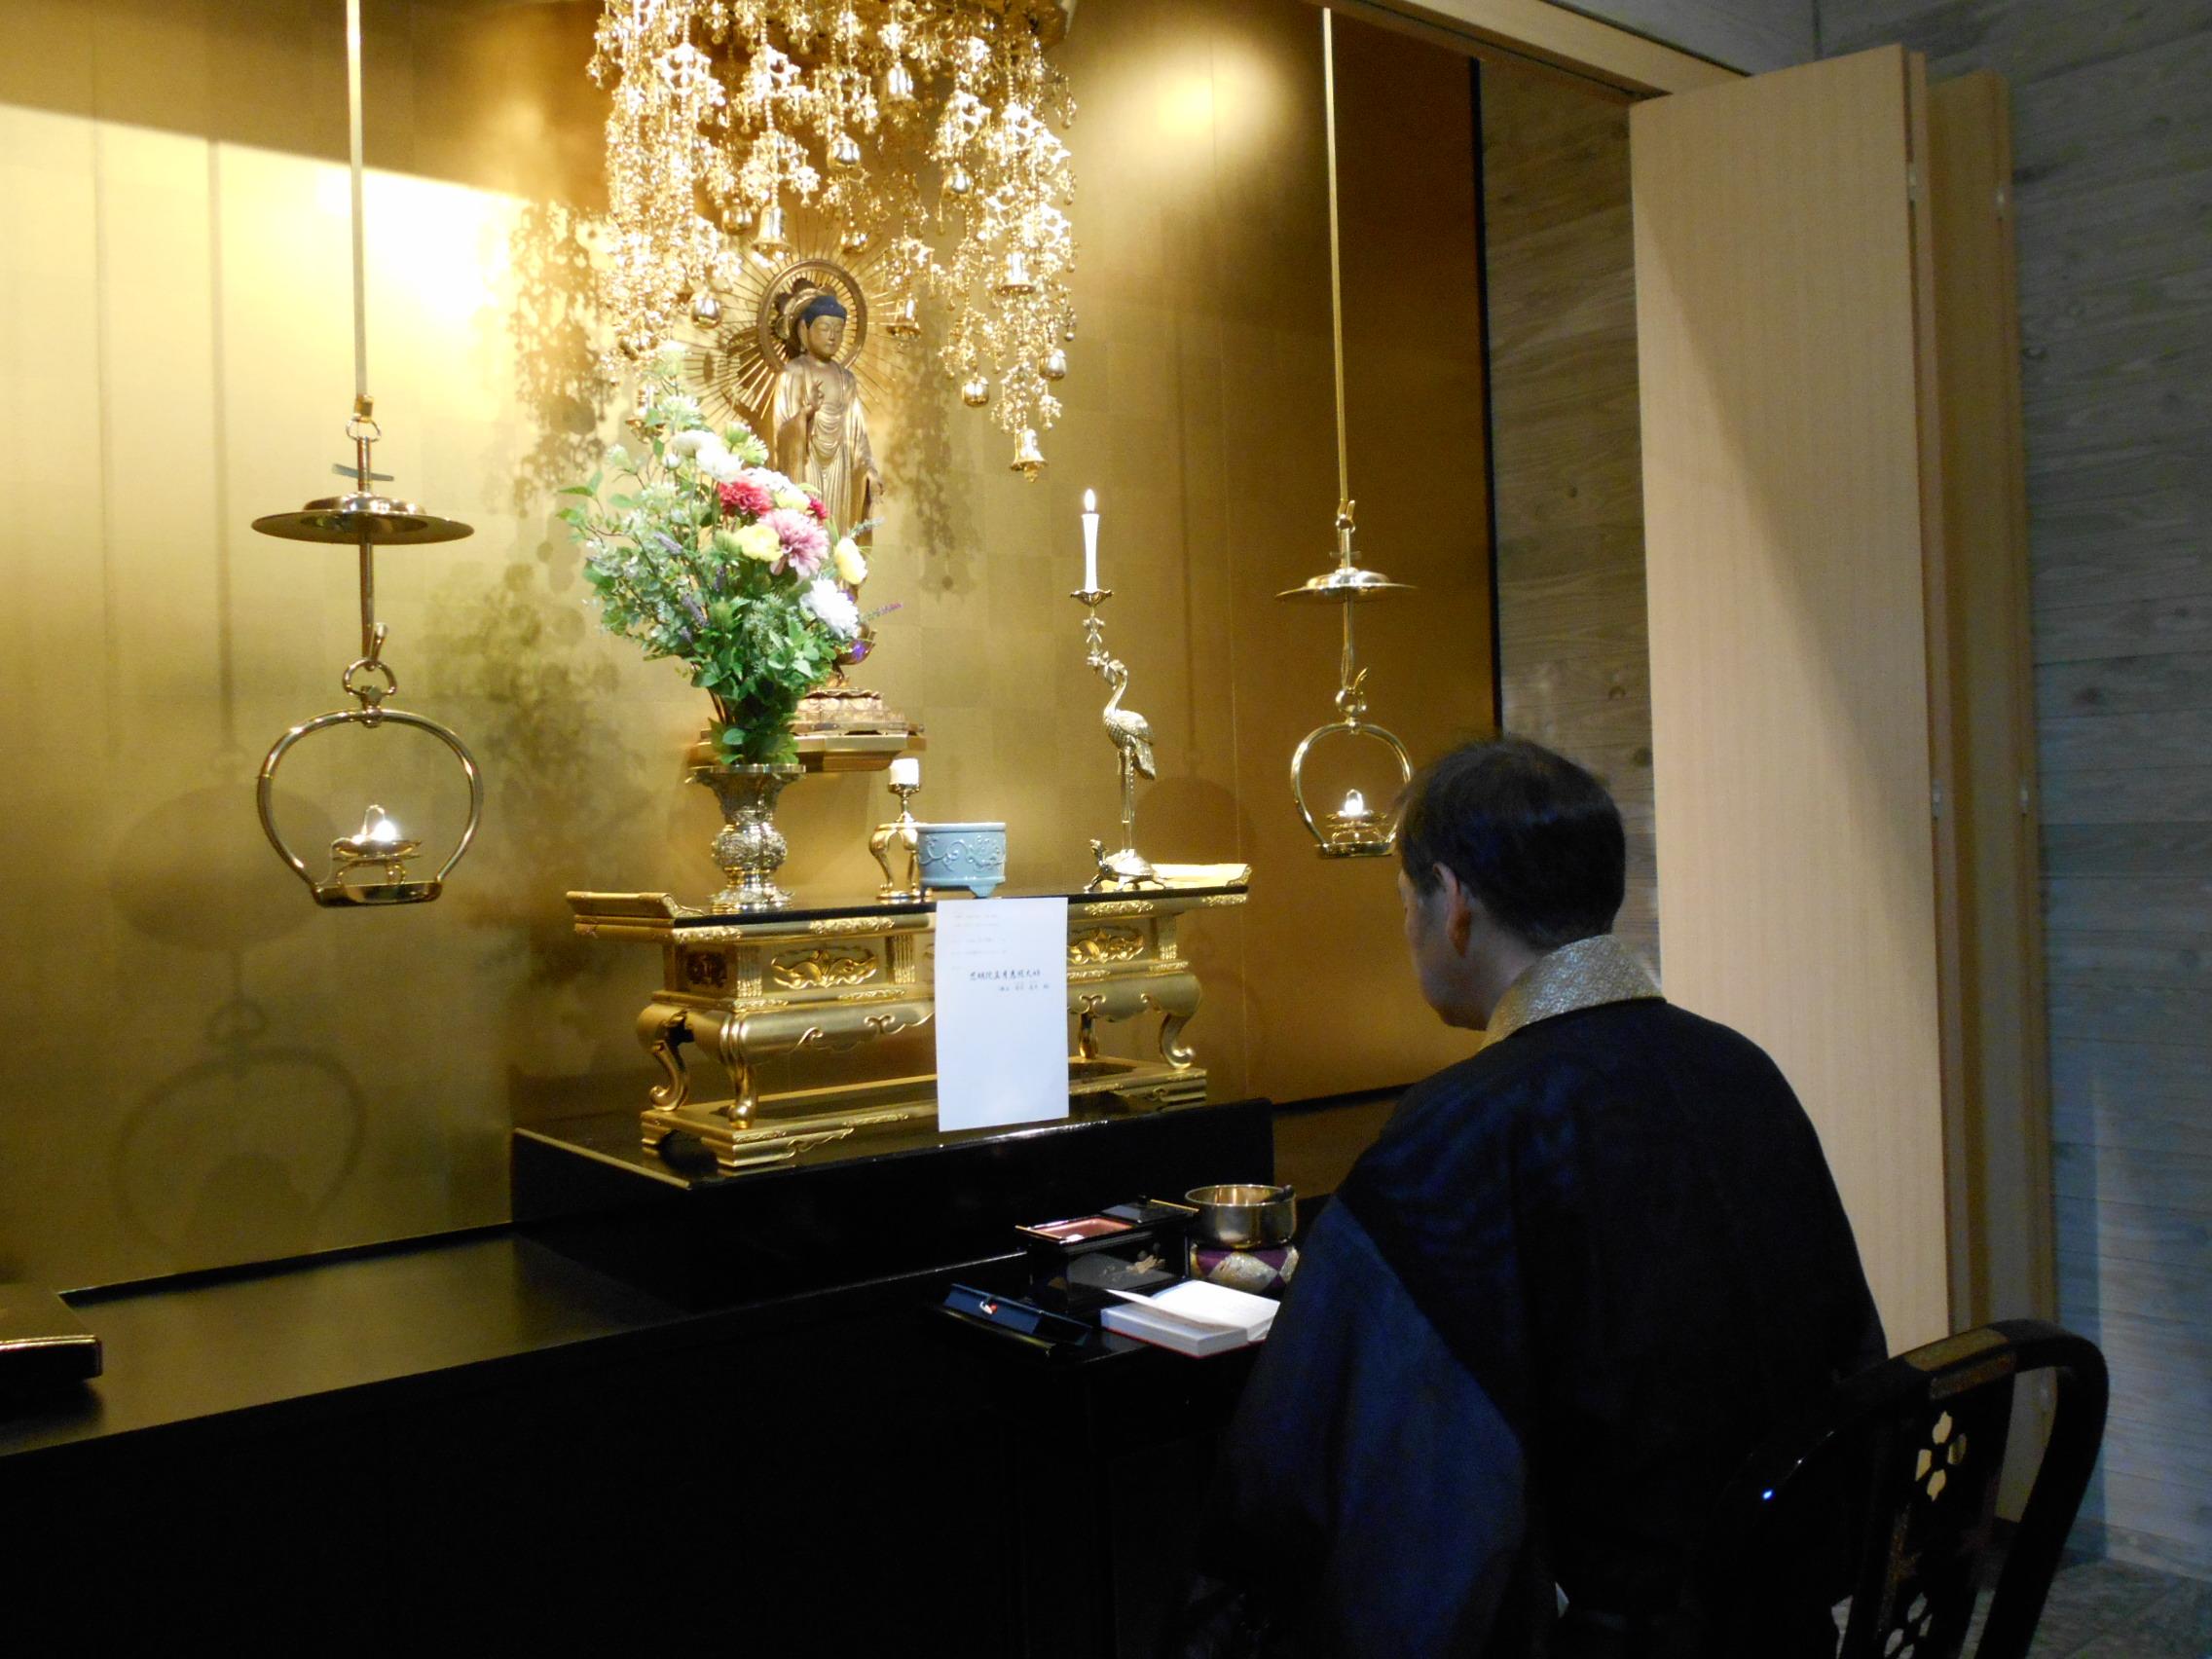 京都天が瀬メモリアル公園 親の命日、覚えてますか?